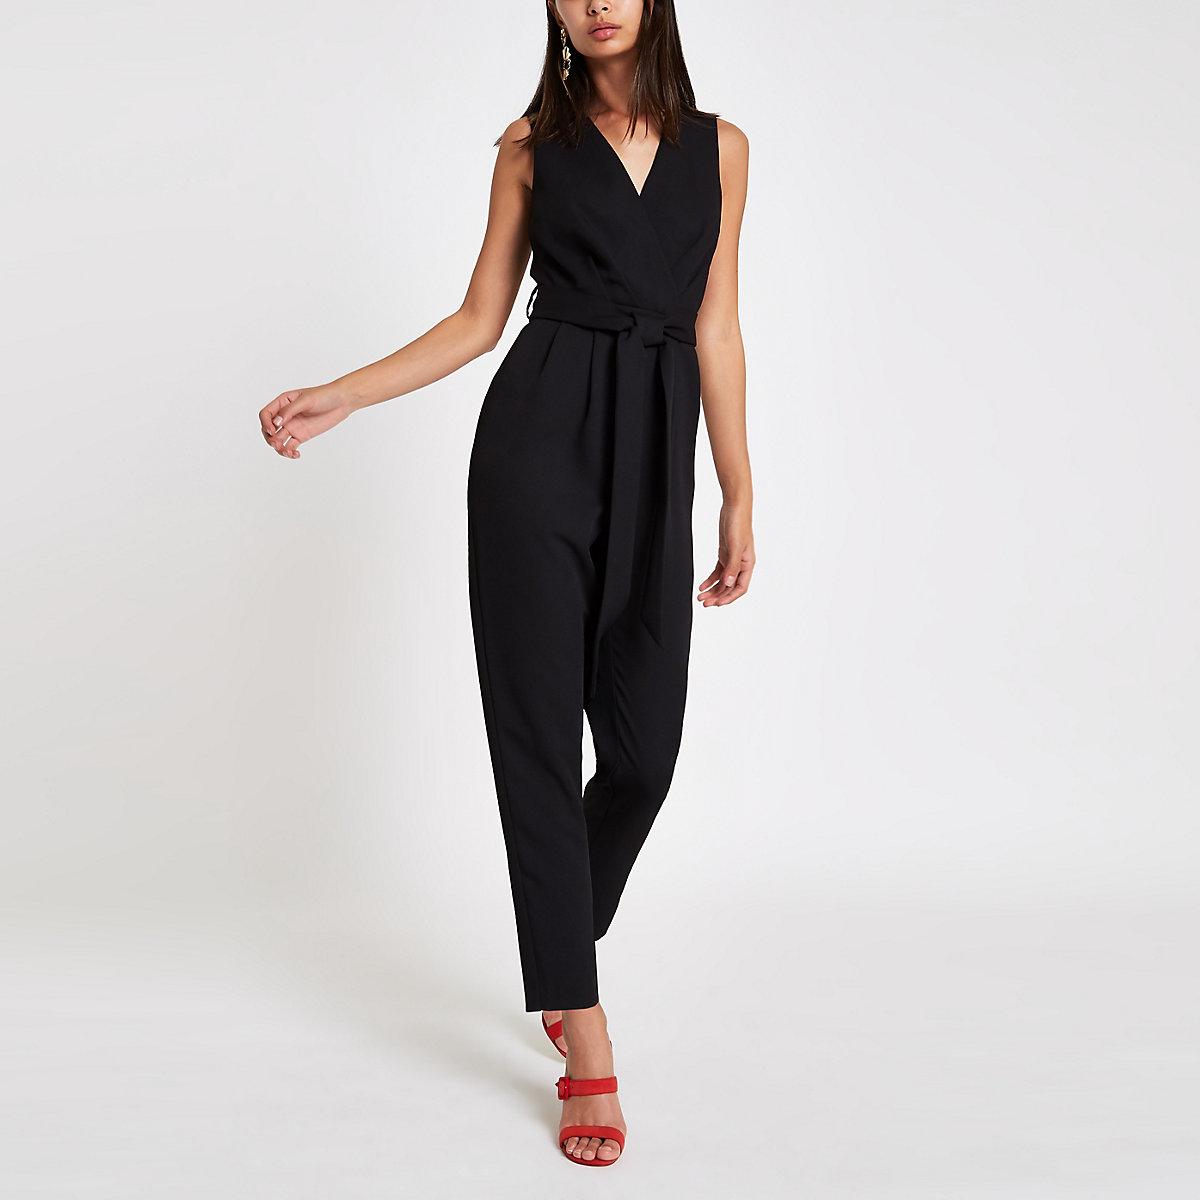 Black sleeveless tie waist jumpsuit